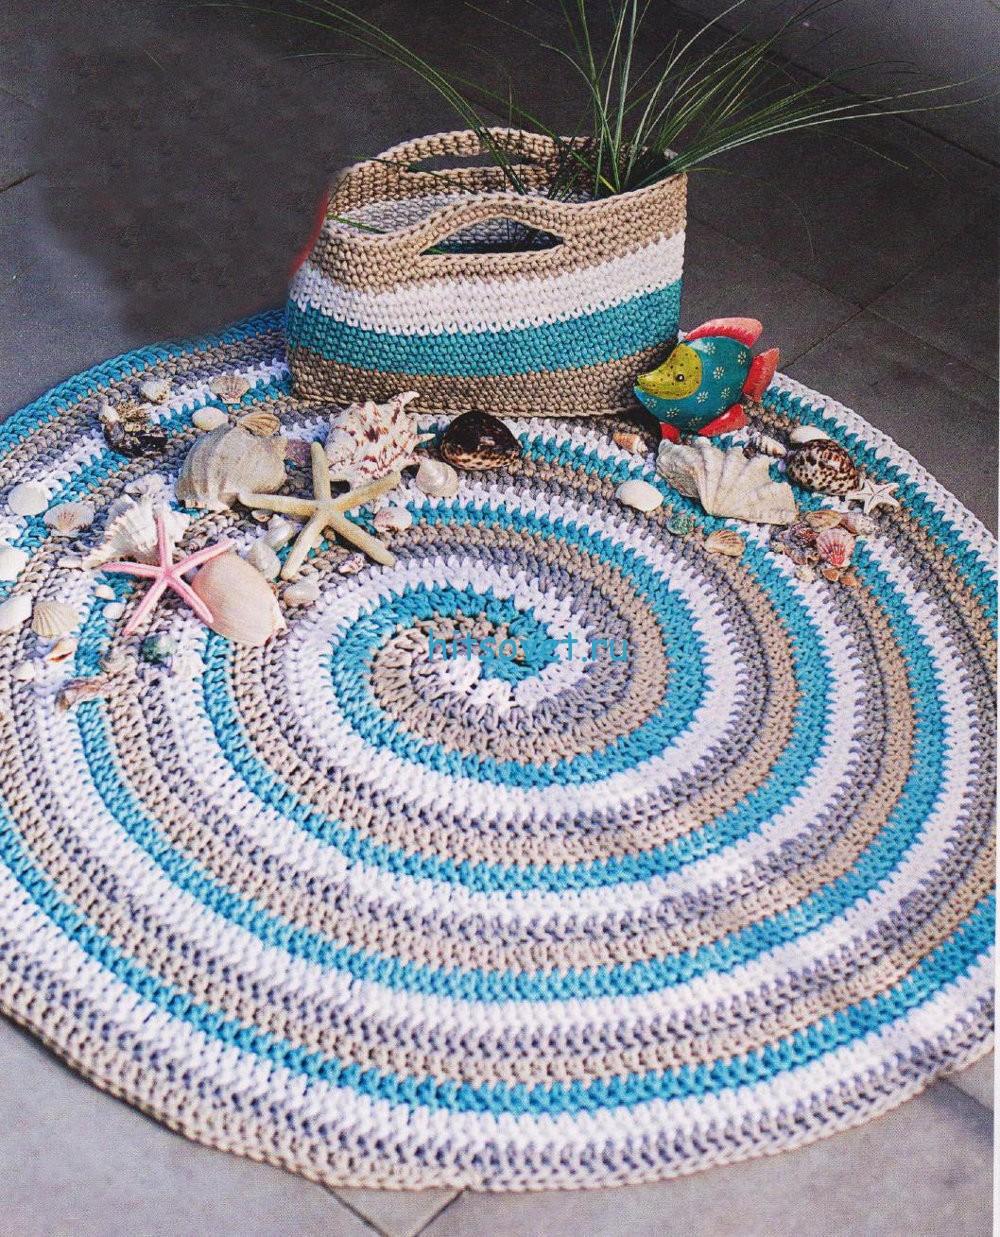 Вязаная сумка и коврик крючком